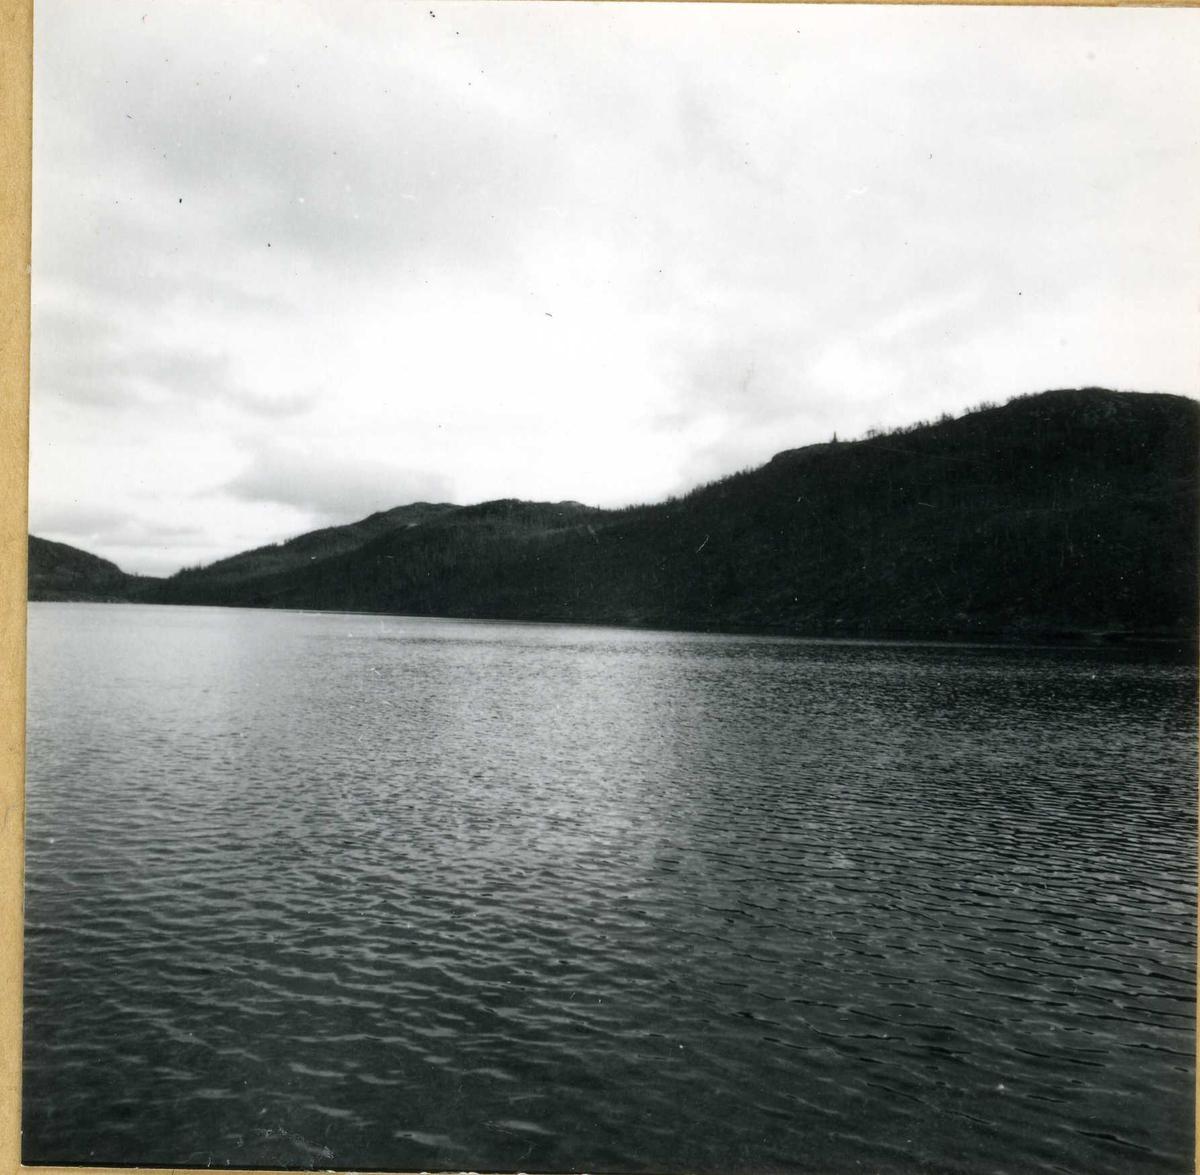 319  Utsikt over vatn.